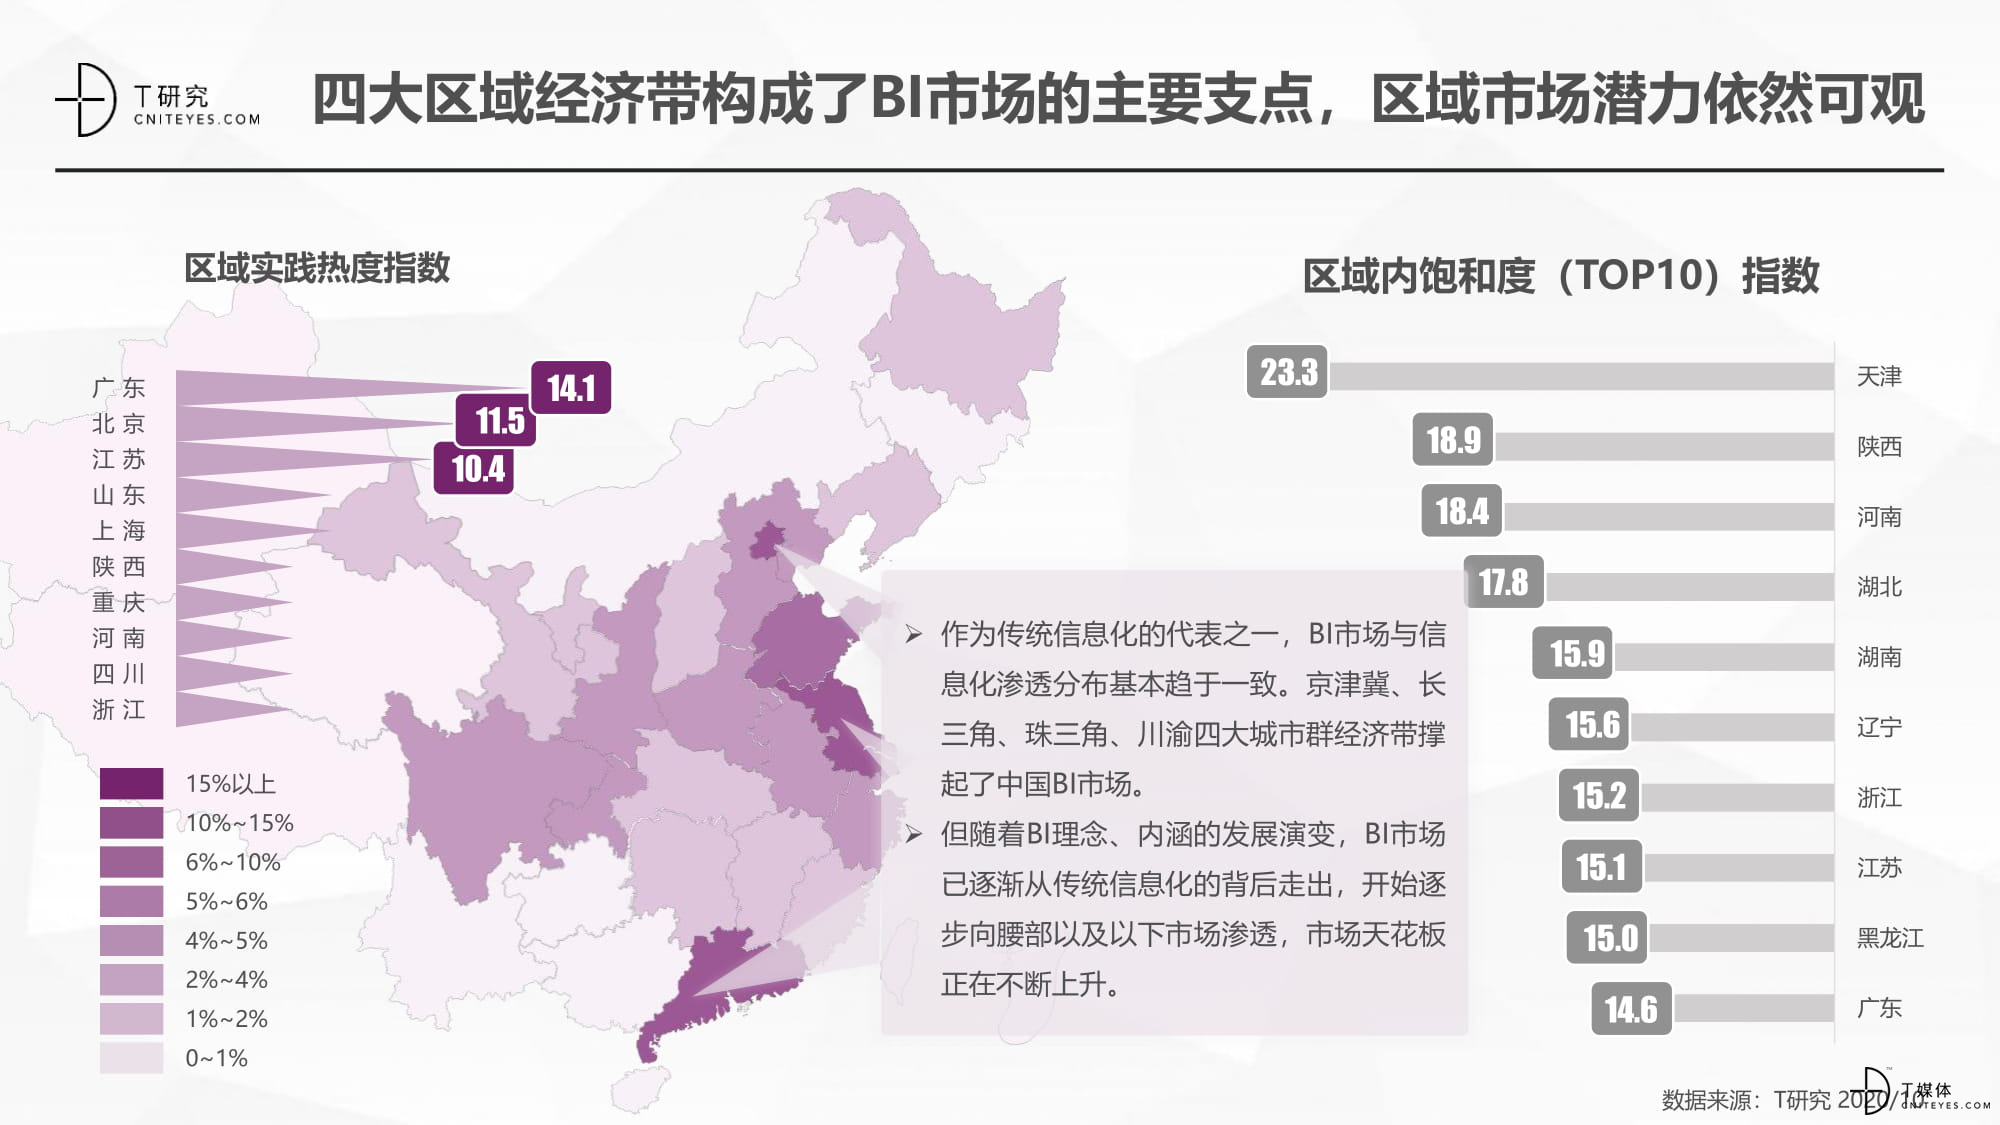 2020中国BI指数测评报告-14.jpg